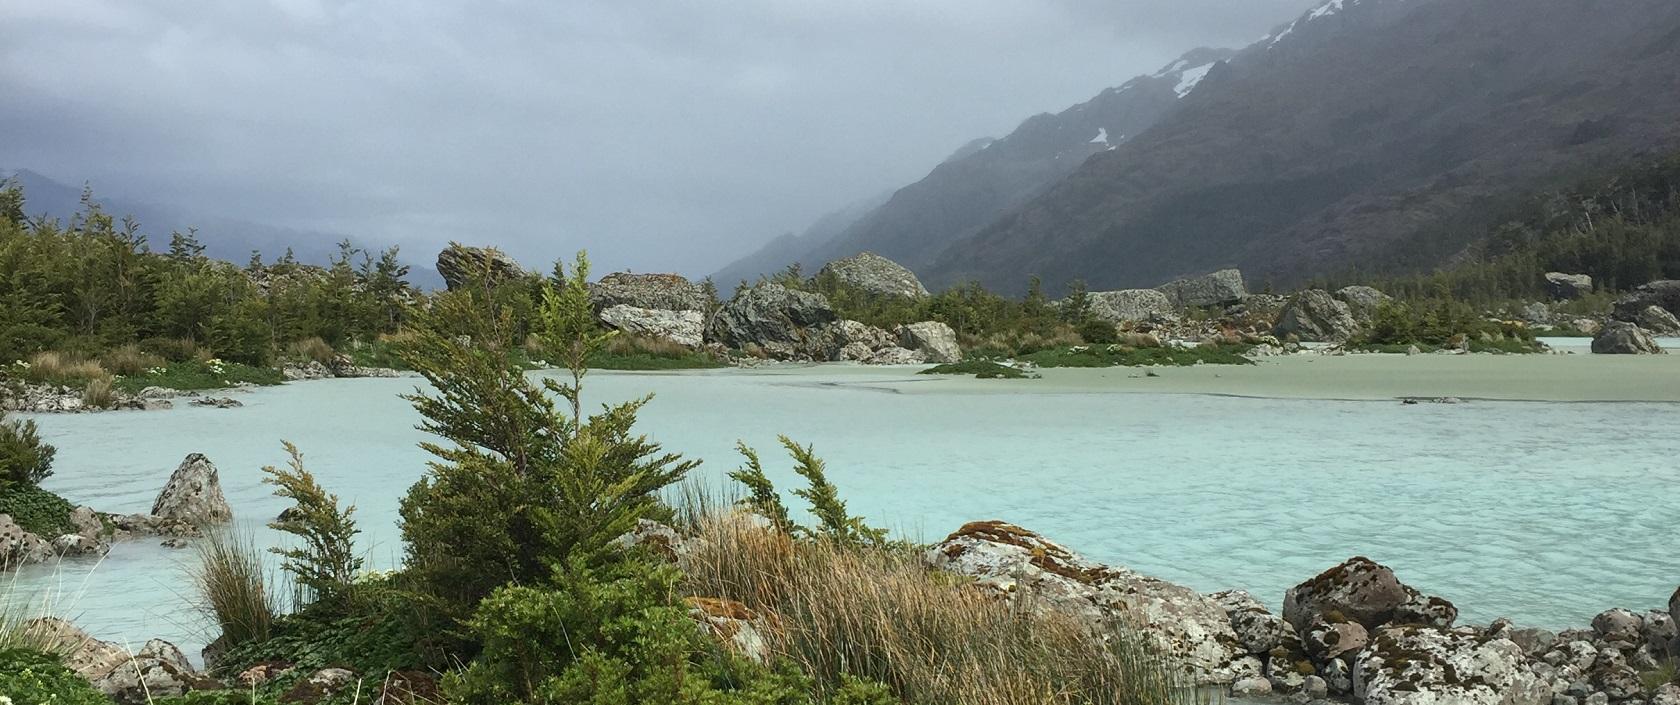 Fjords Patagonia Chile Lake